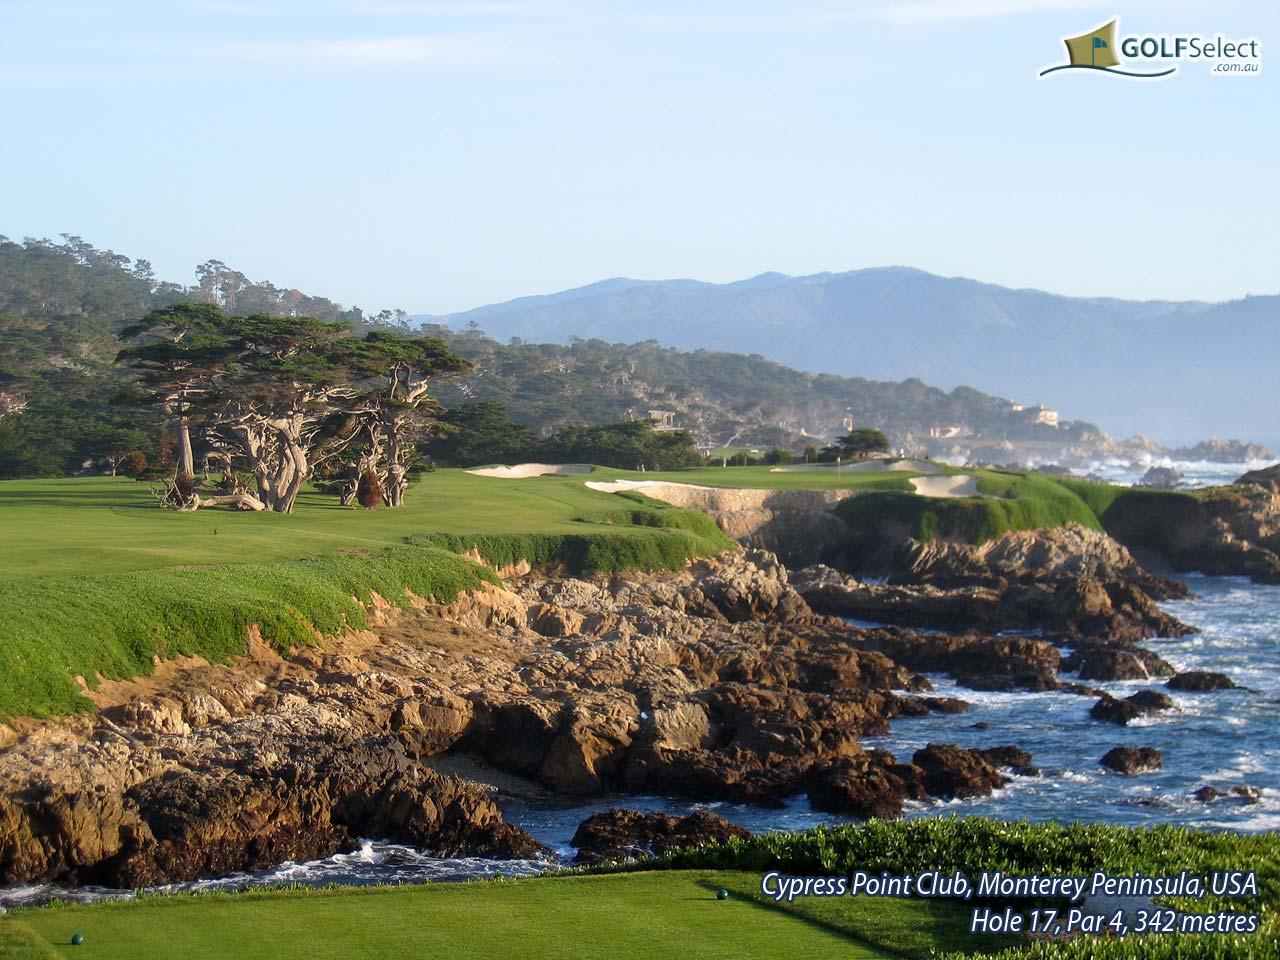 GOLFSelect   Golf Wallpaper   Cypress Point Club   Hole 17 Par 4 342 1280x960